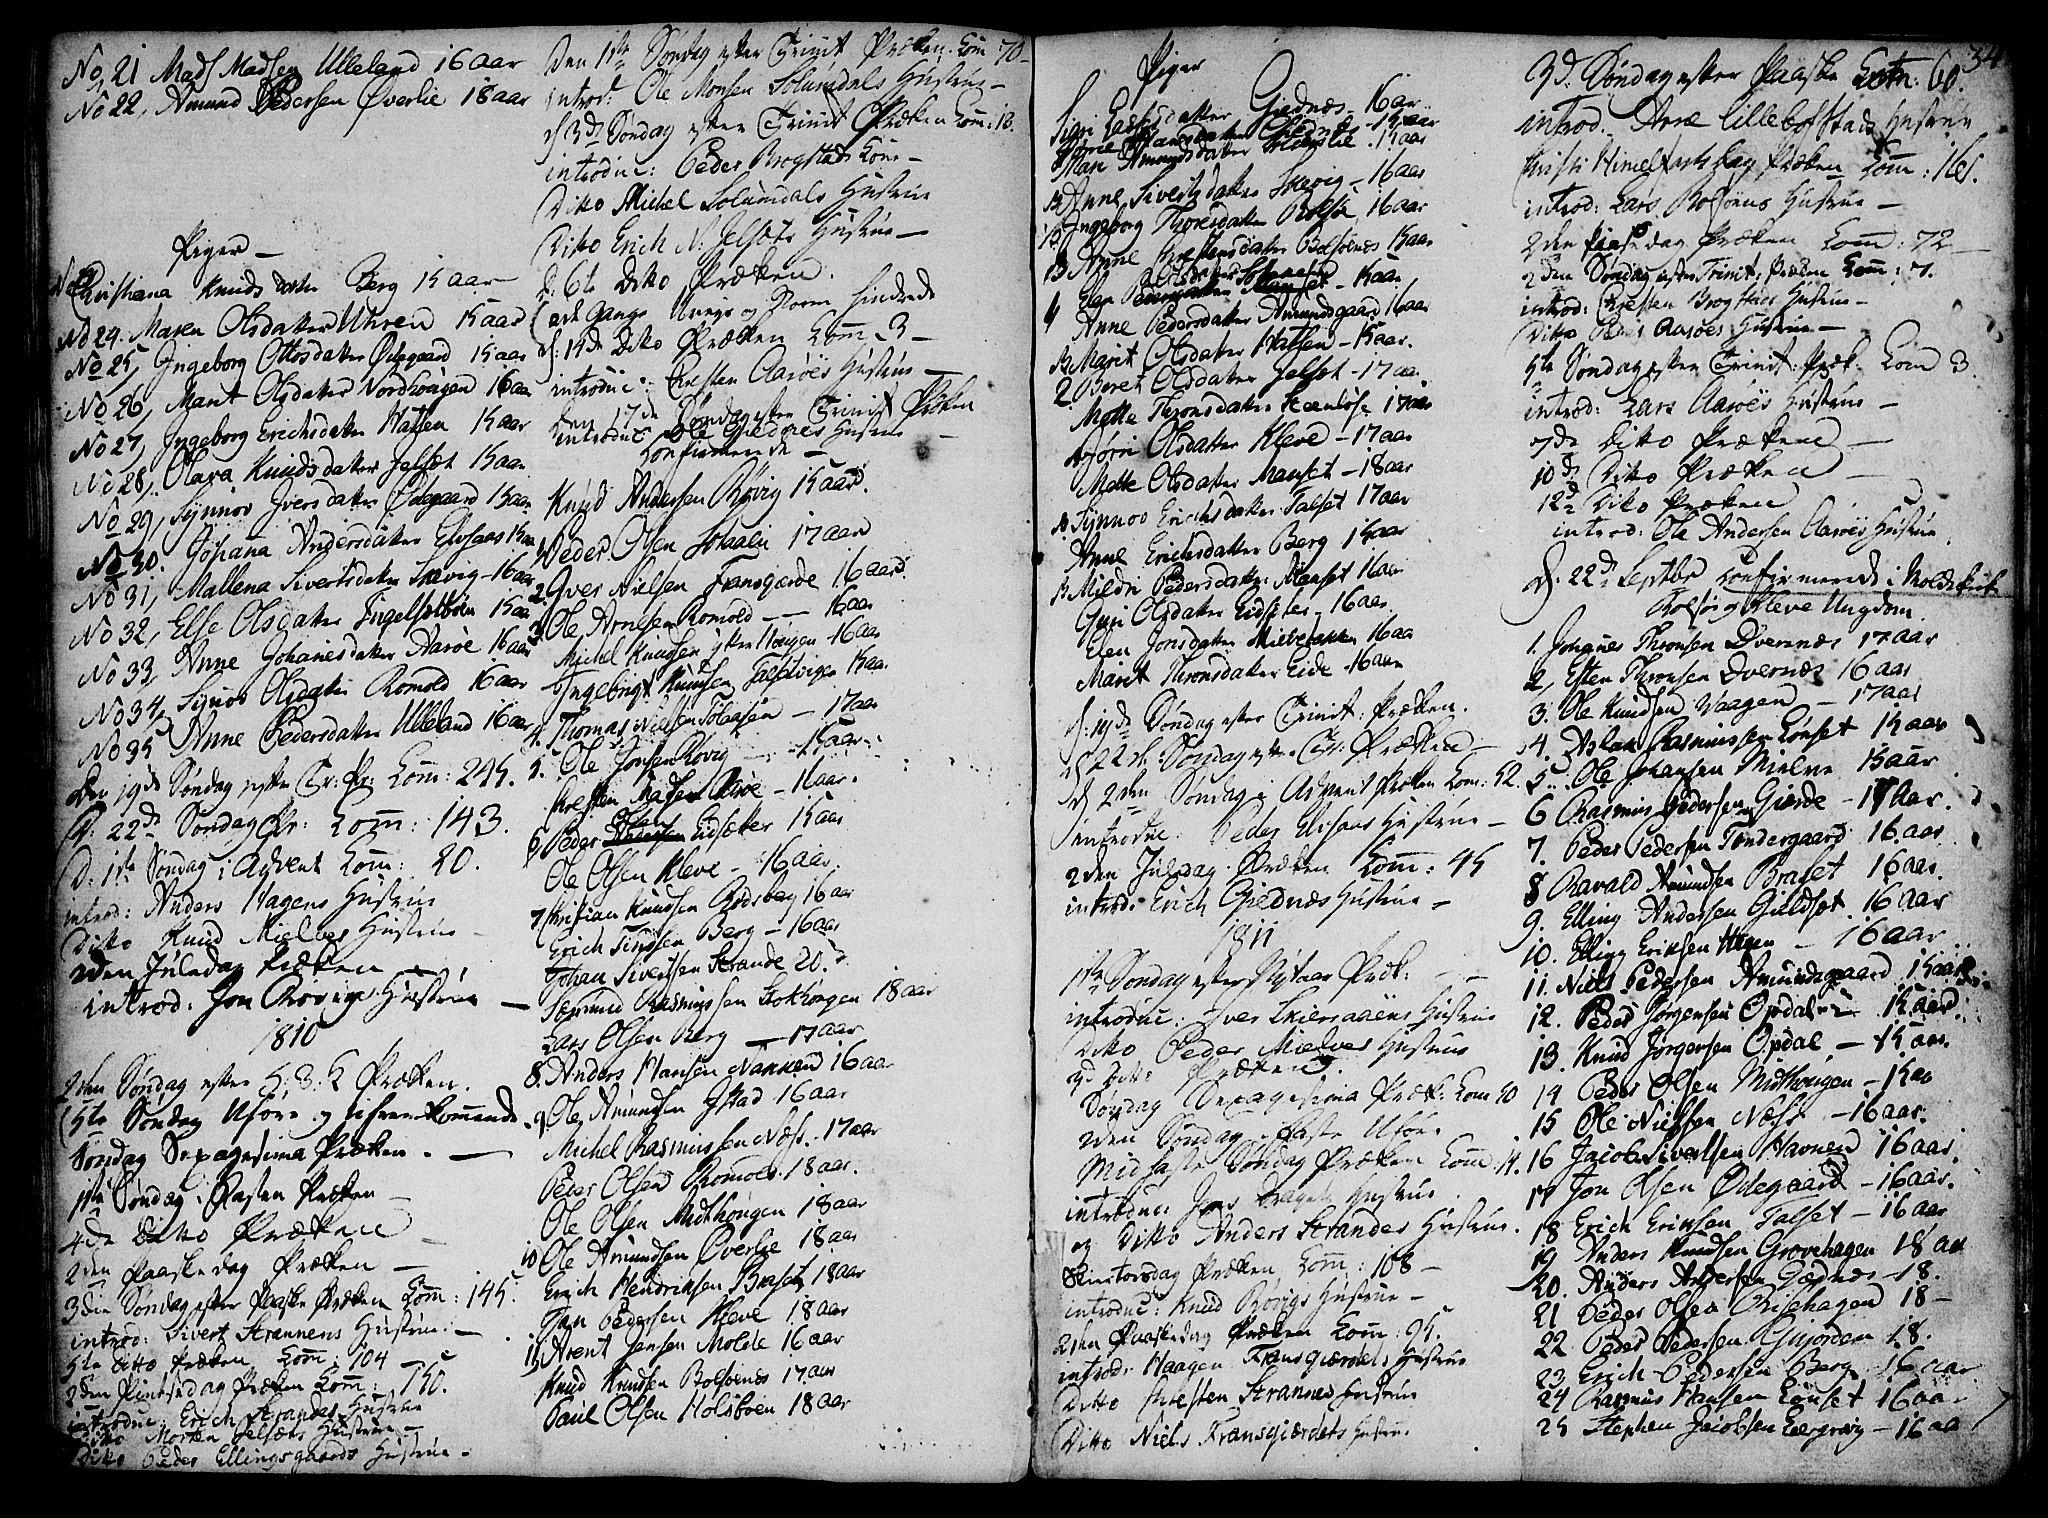 SAT, Ministerialprotokoller, klokkerbøker og fødselsregistre - Møre og Romsdal, 555/L0649: Ministerialbok nr. 555A02 /1, 1795-1821, s. 34